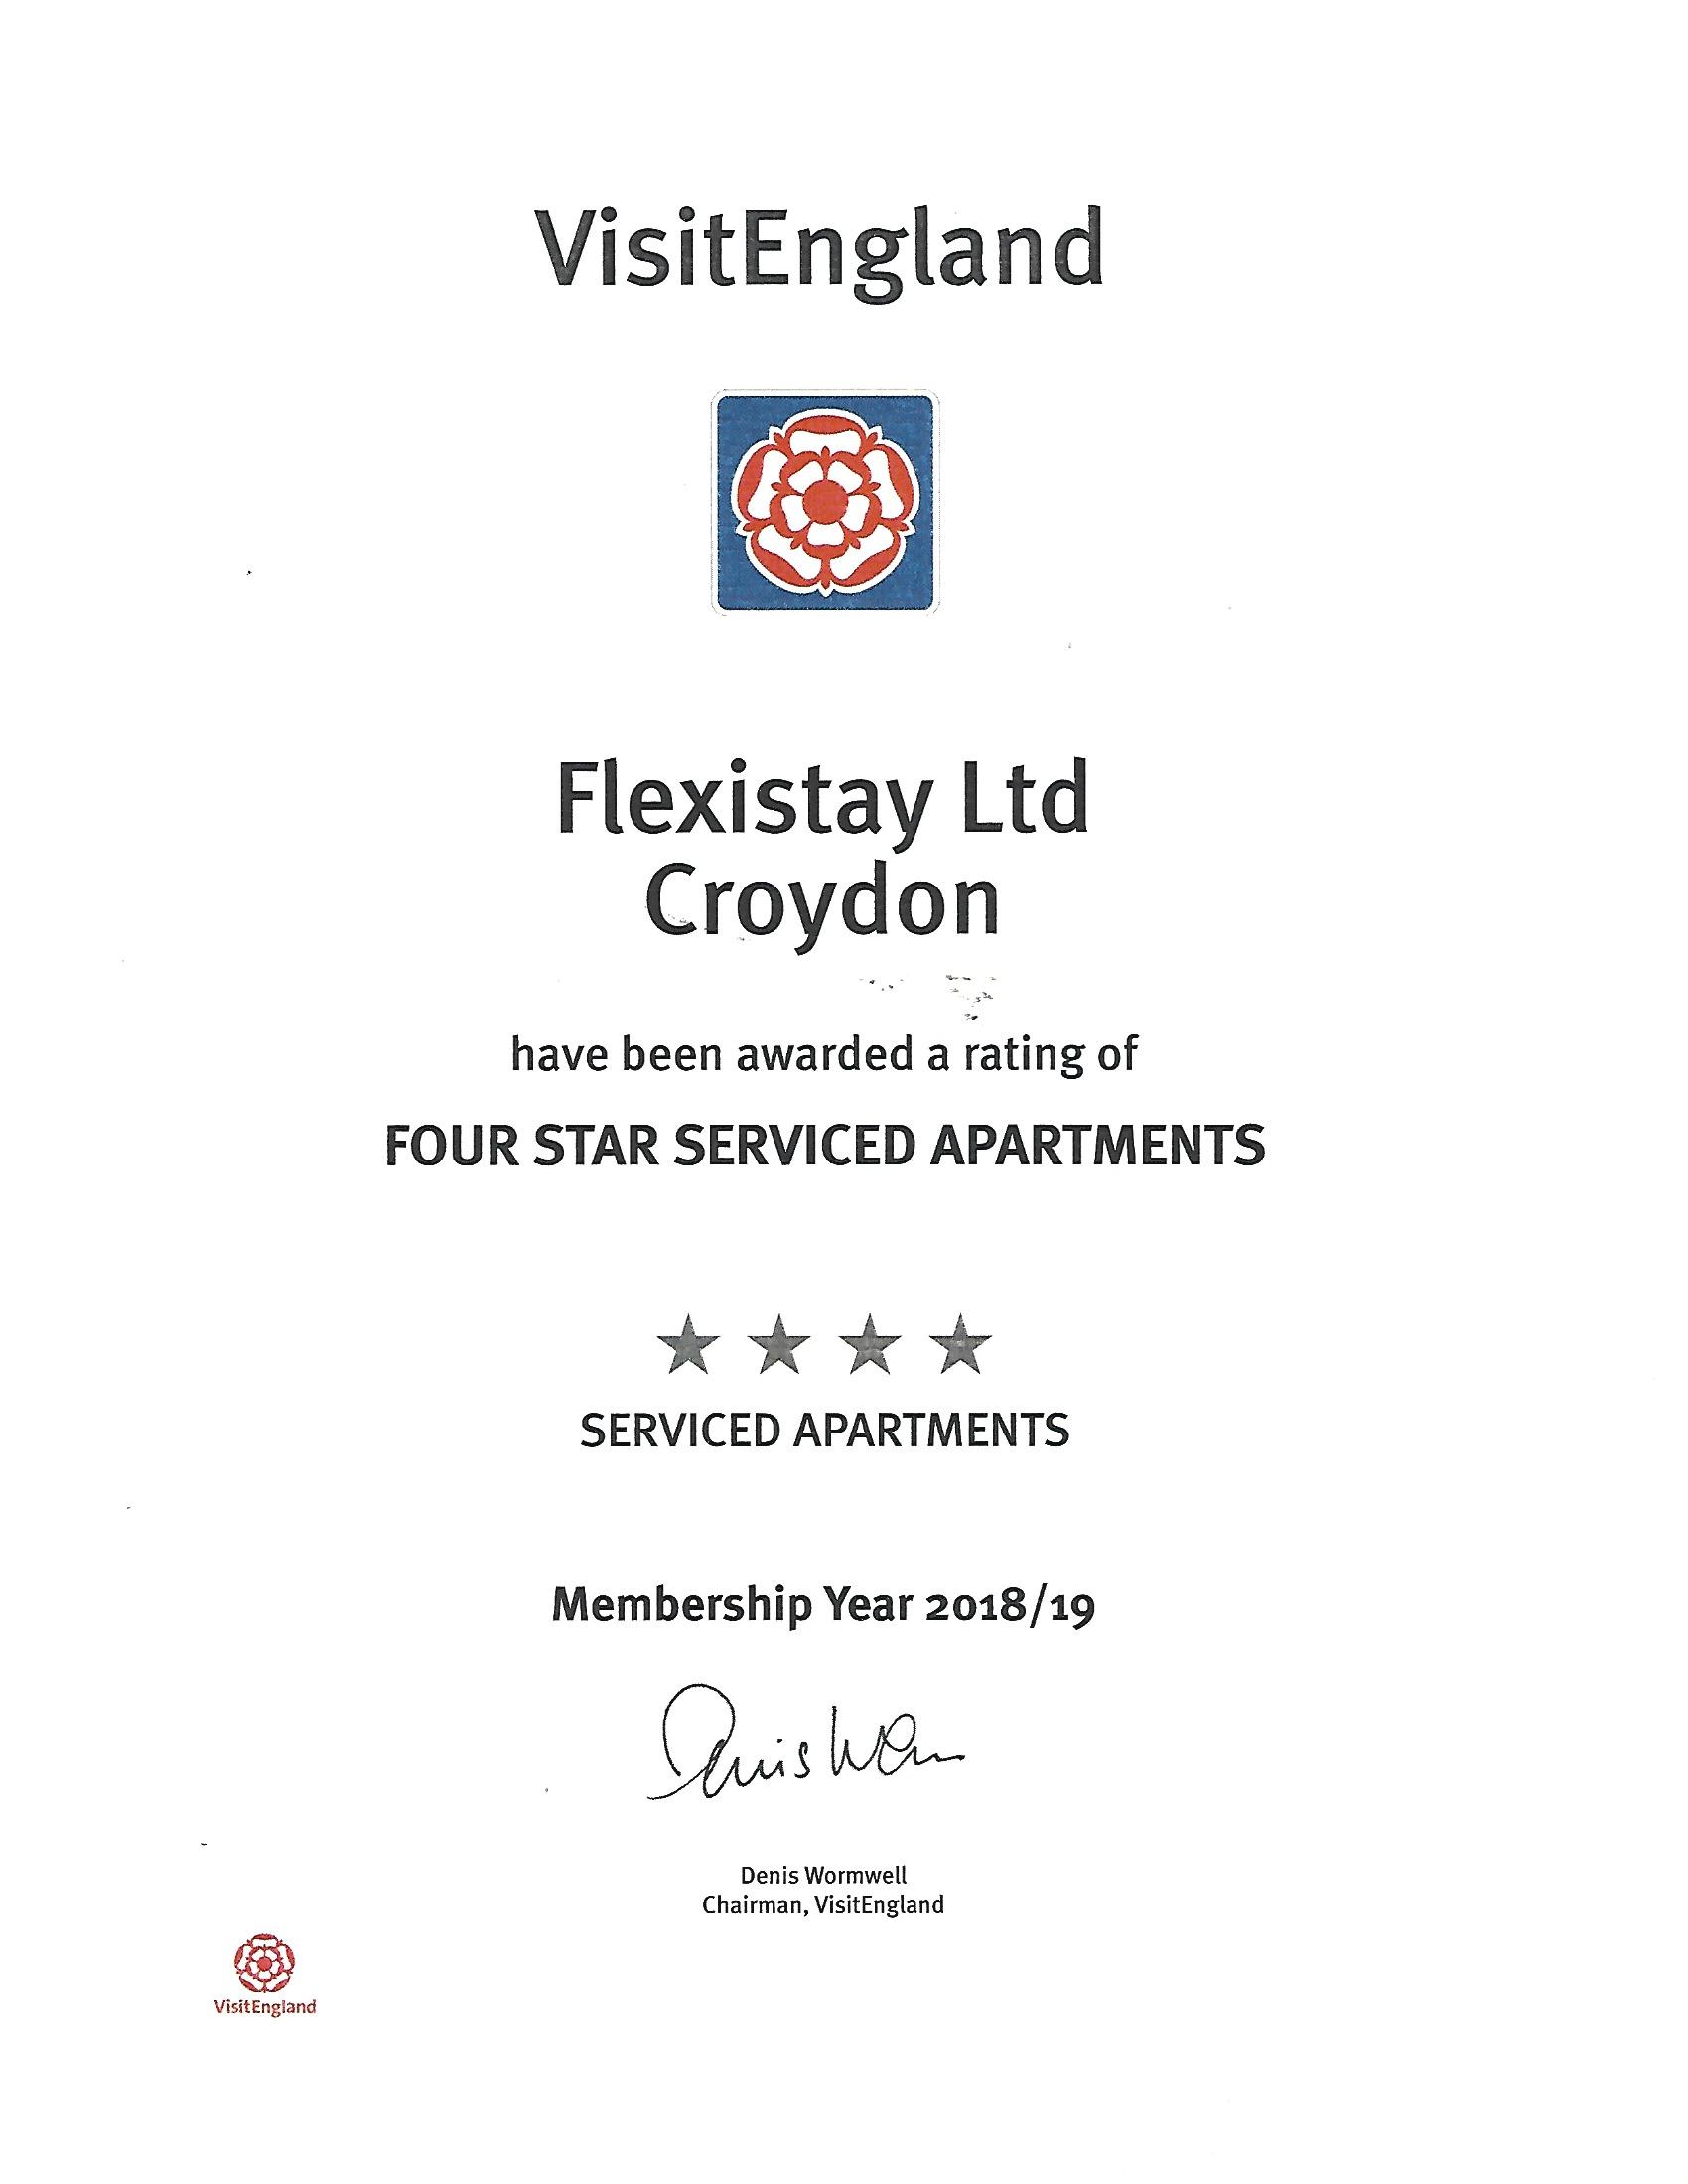 VisitEngland.com - Flexistay Croydon 2018-19